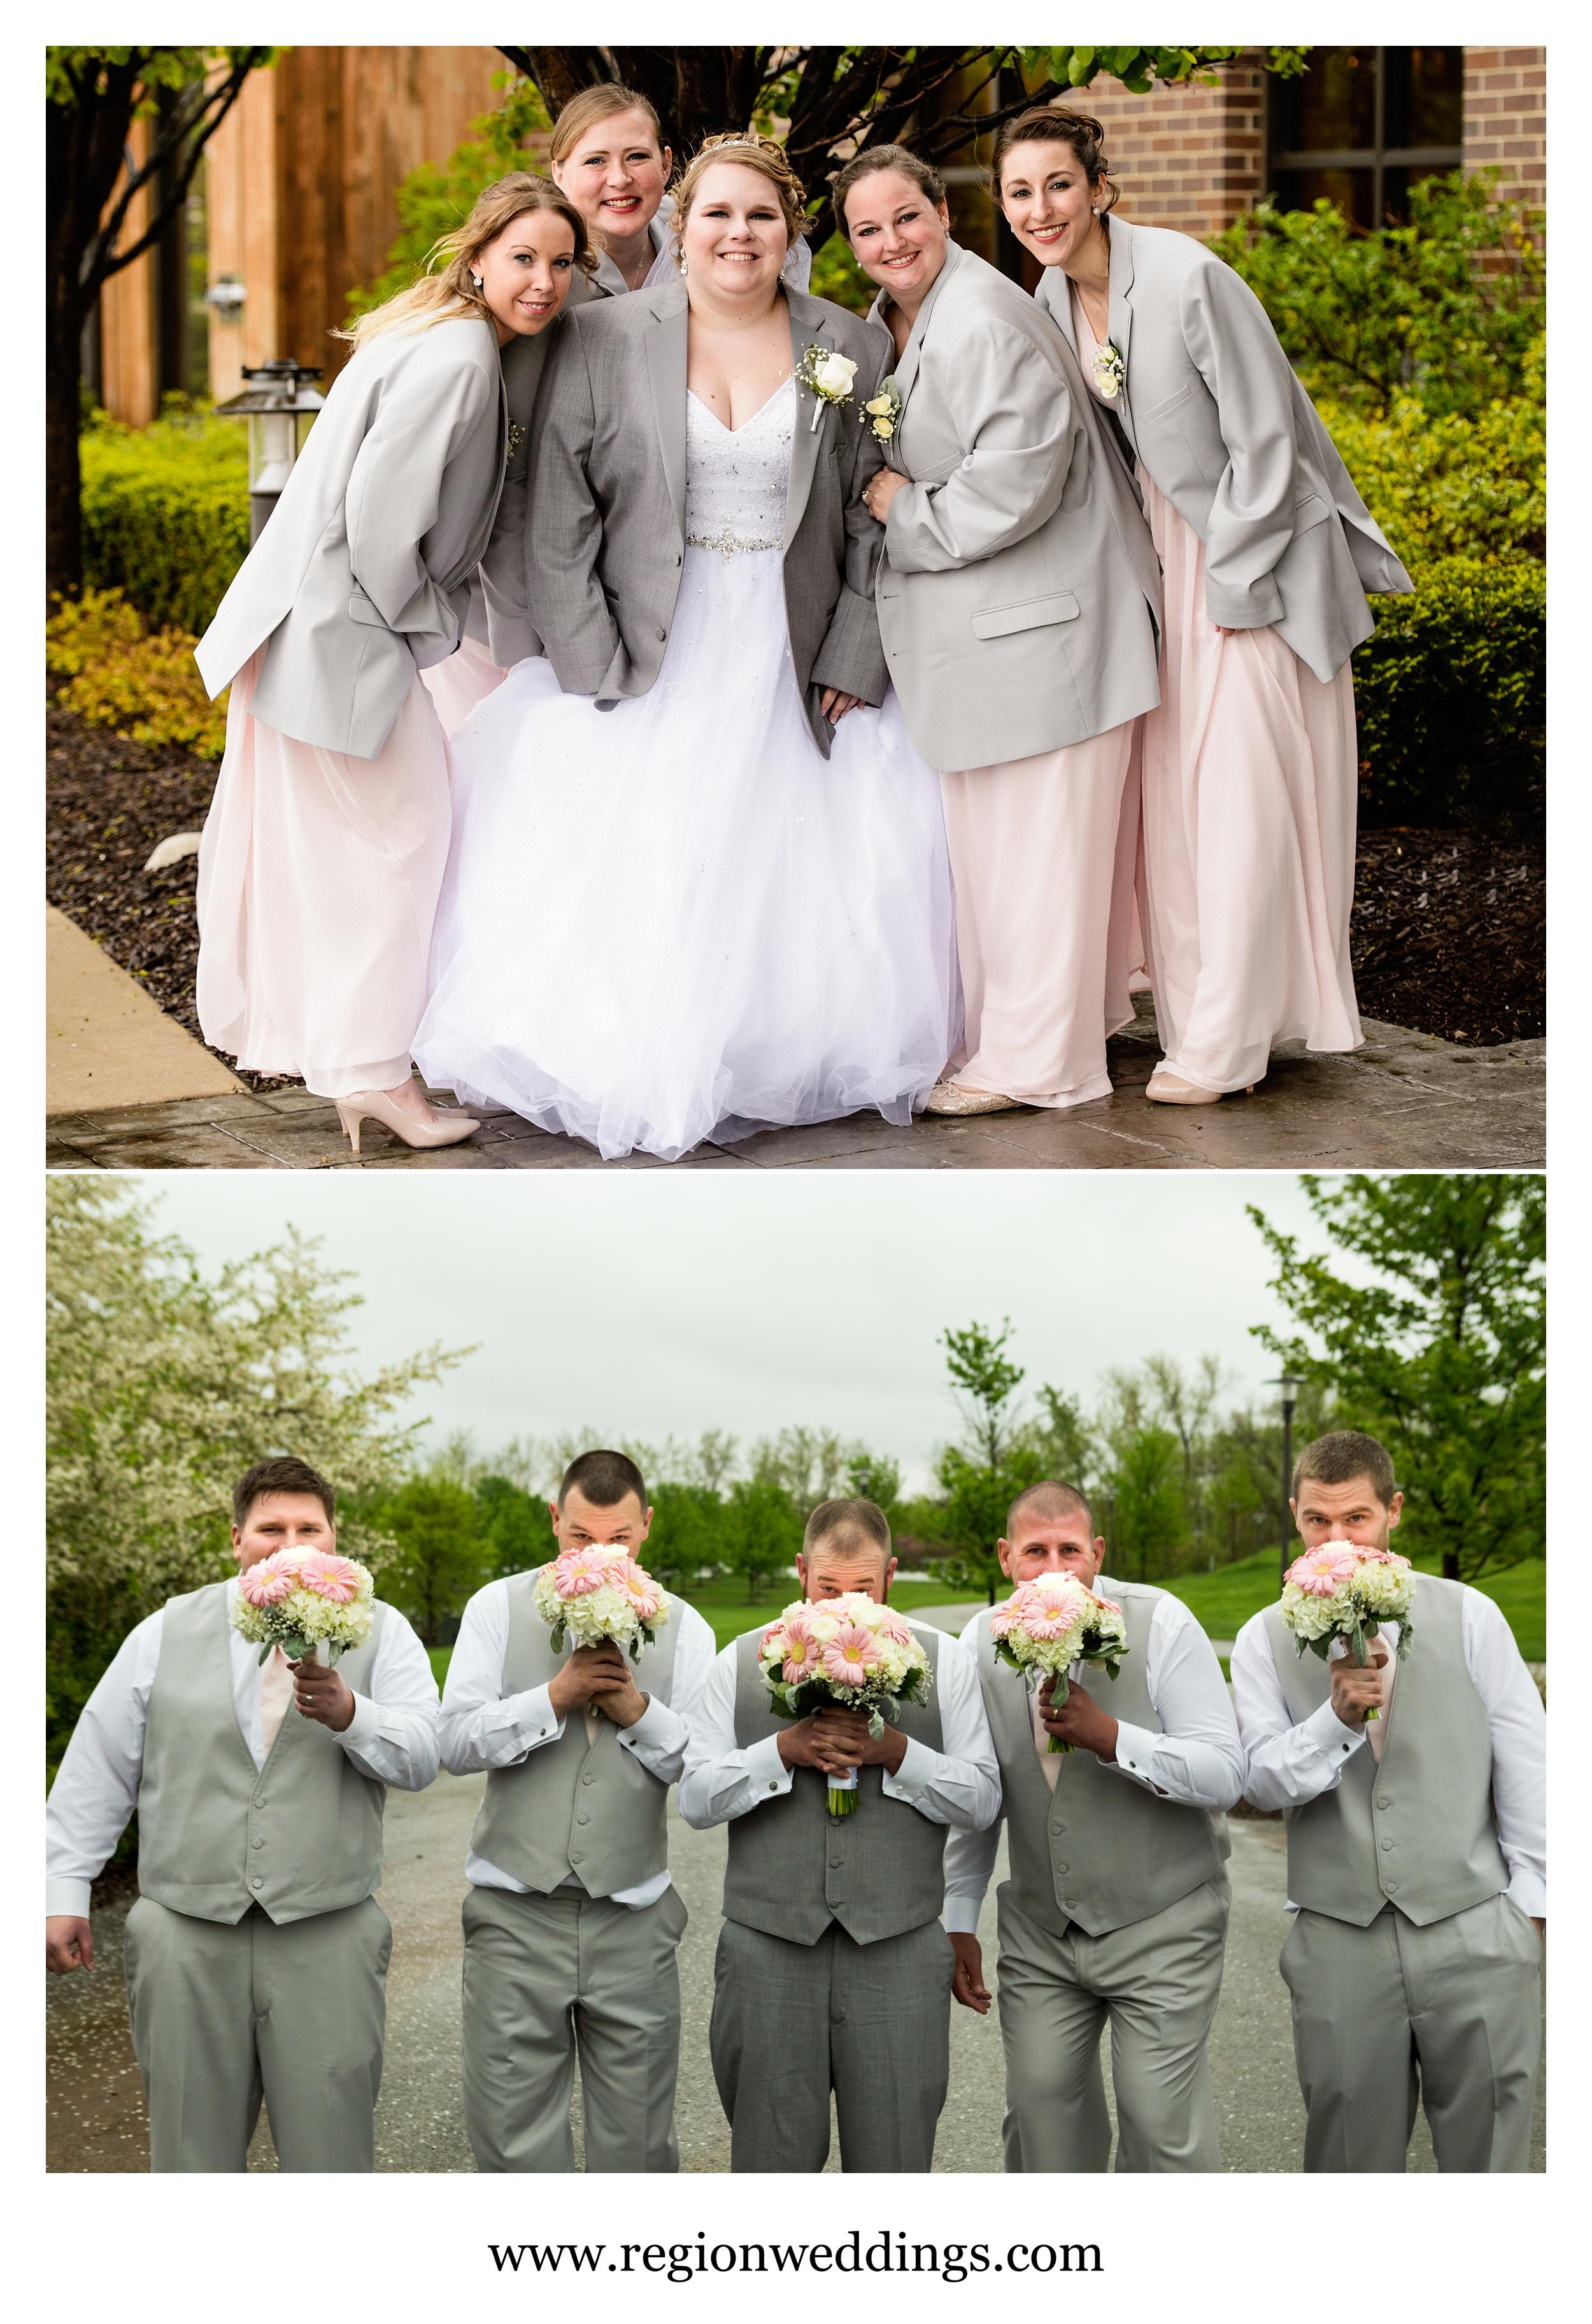 Fun wedding party photos at Centennial Park.